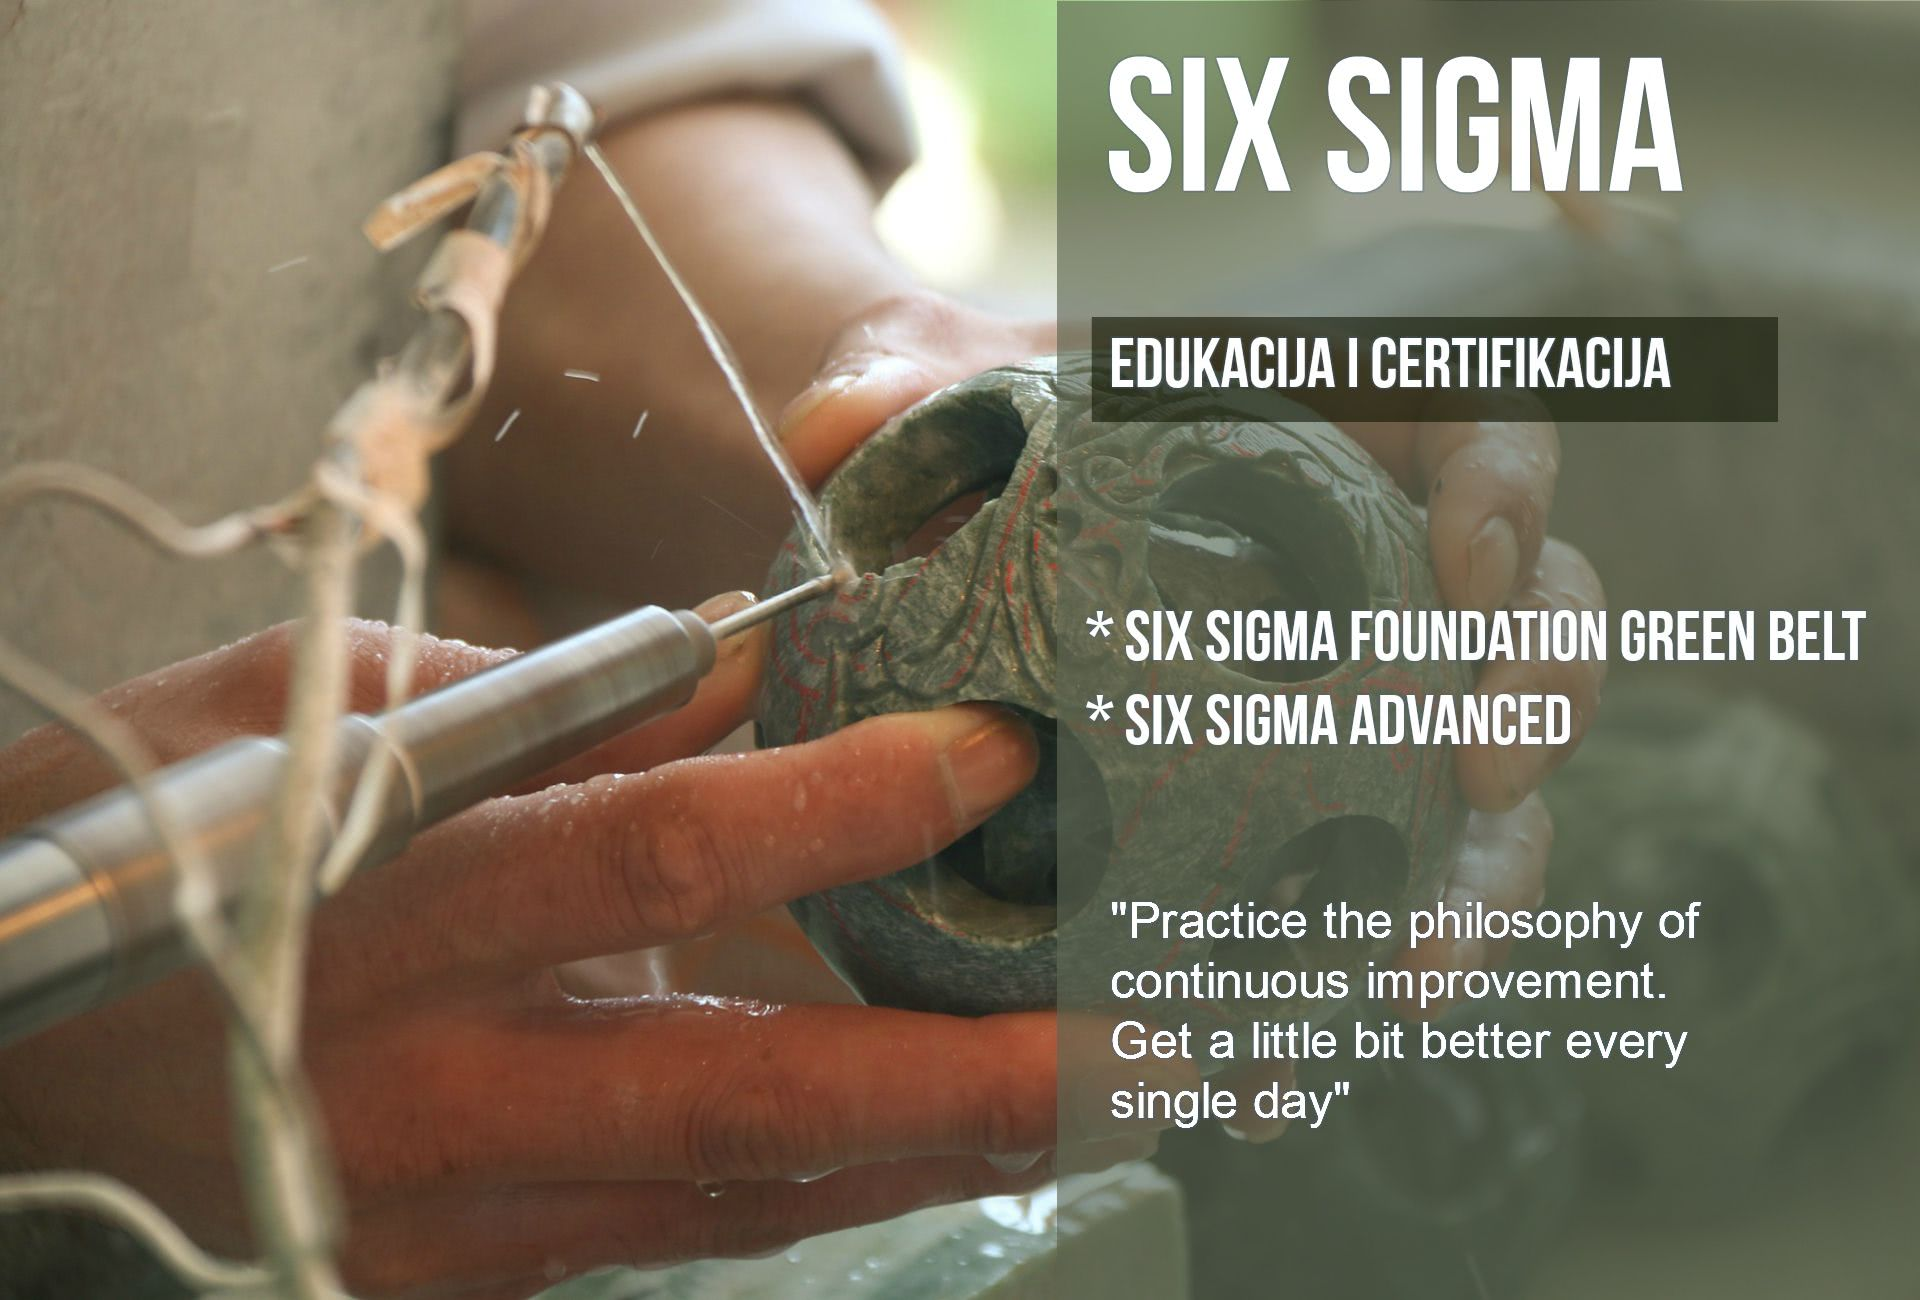 ITS Partner - Edukacija - Six Sigma Edukacija i certifikacija